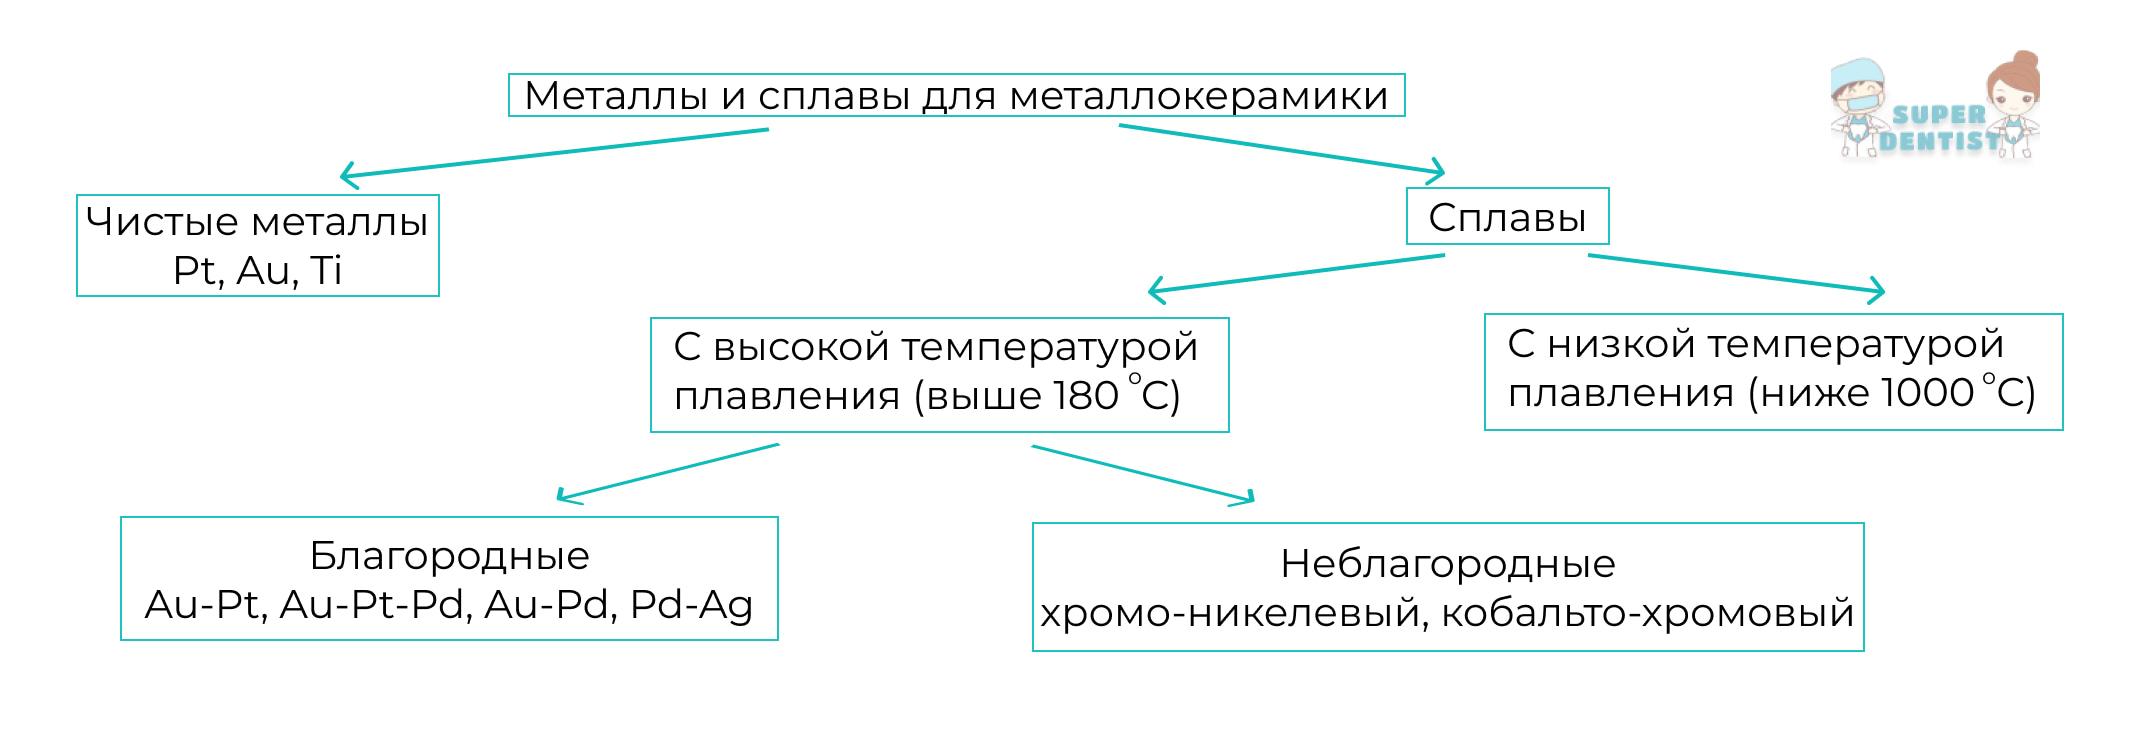 Схема классификация керамических масс в стоматологии